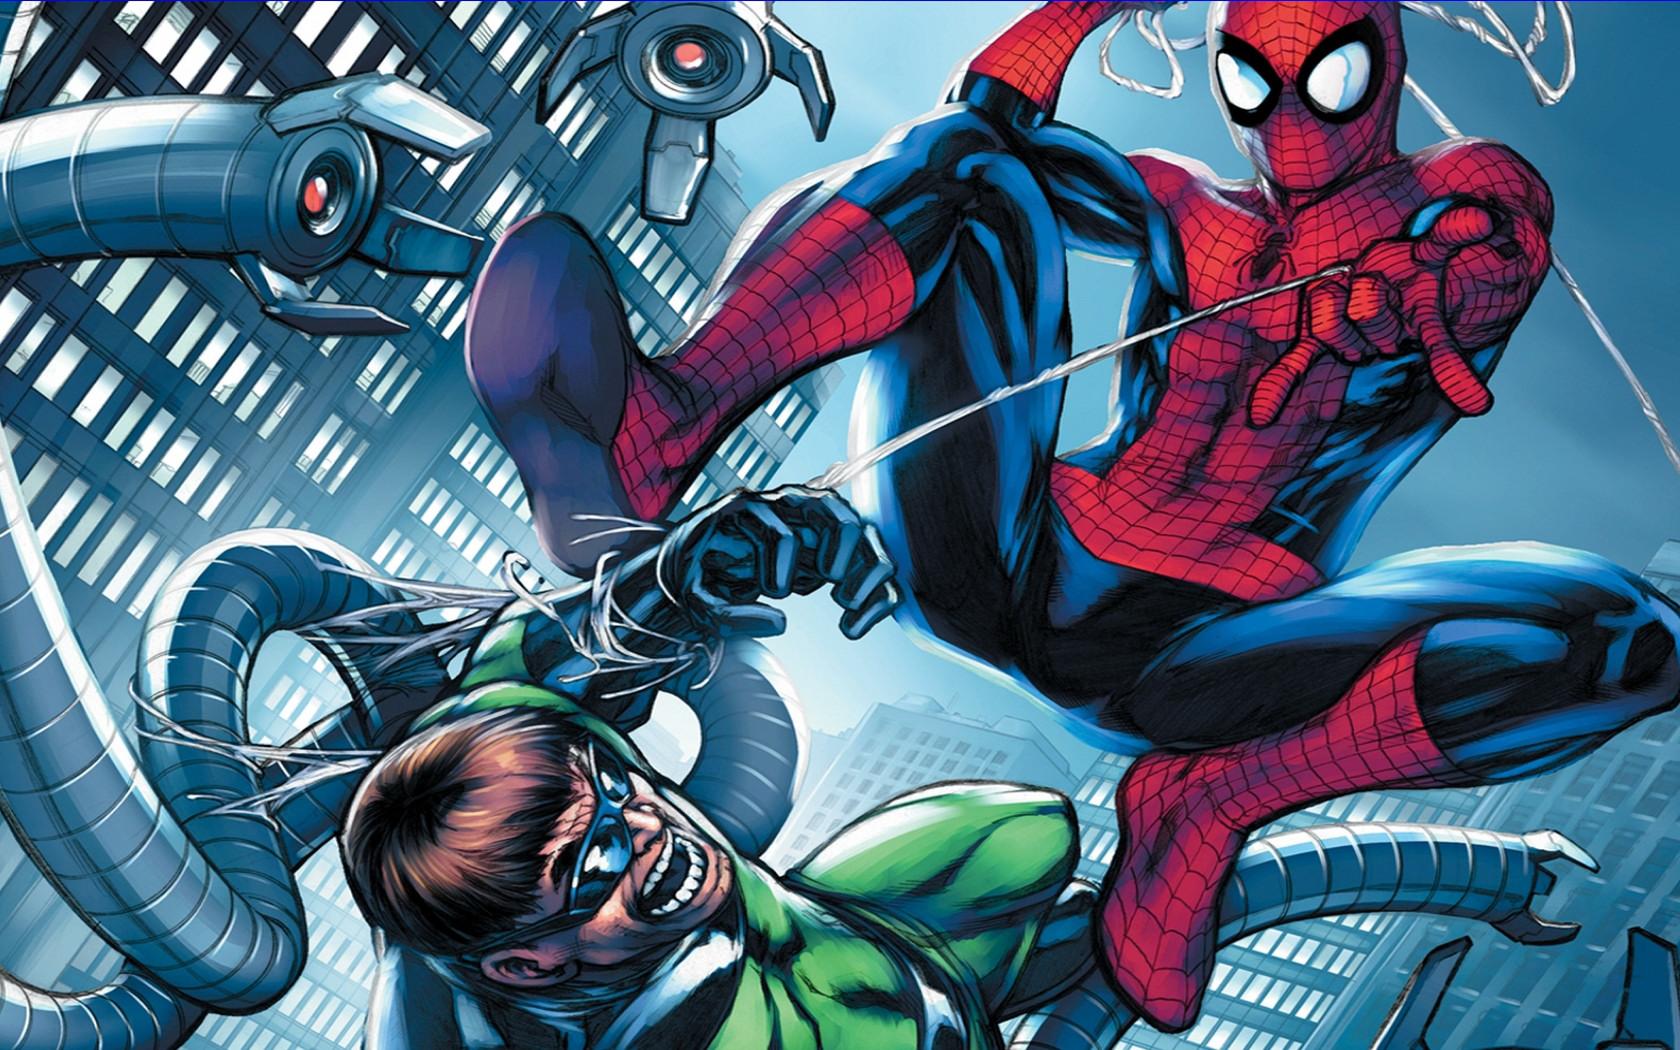 El hombre ara a animado pel cula divergente for Fondos de spiderman